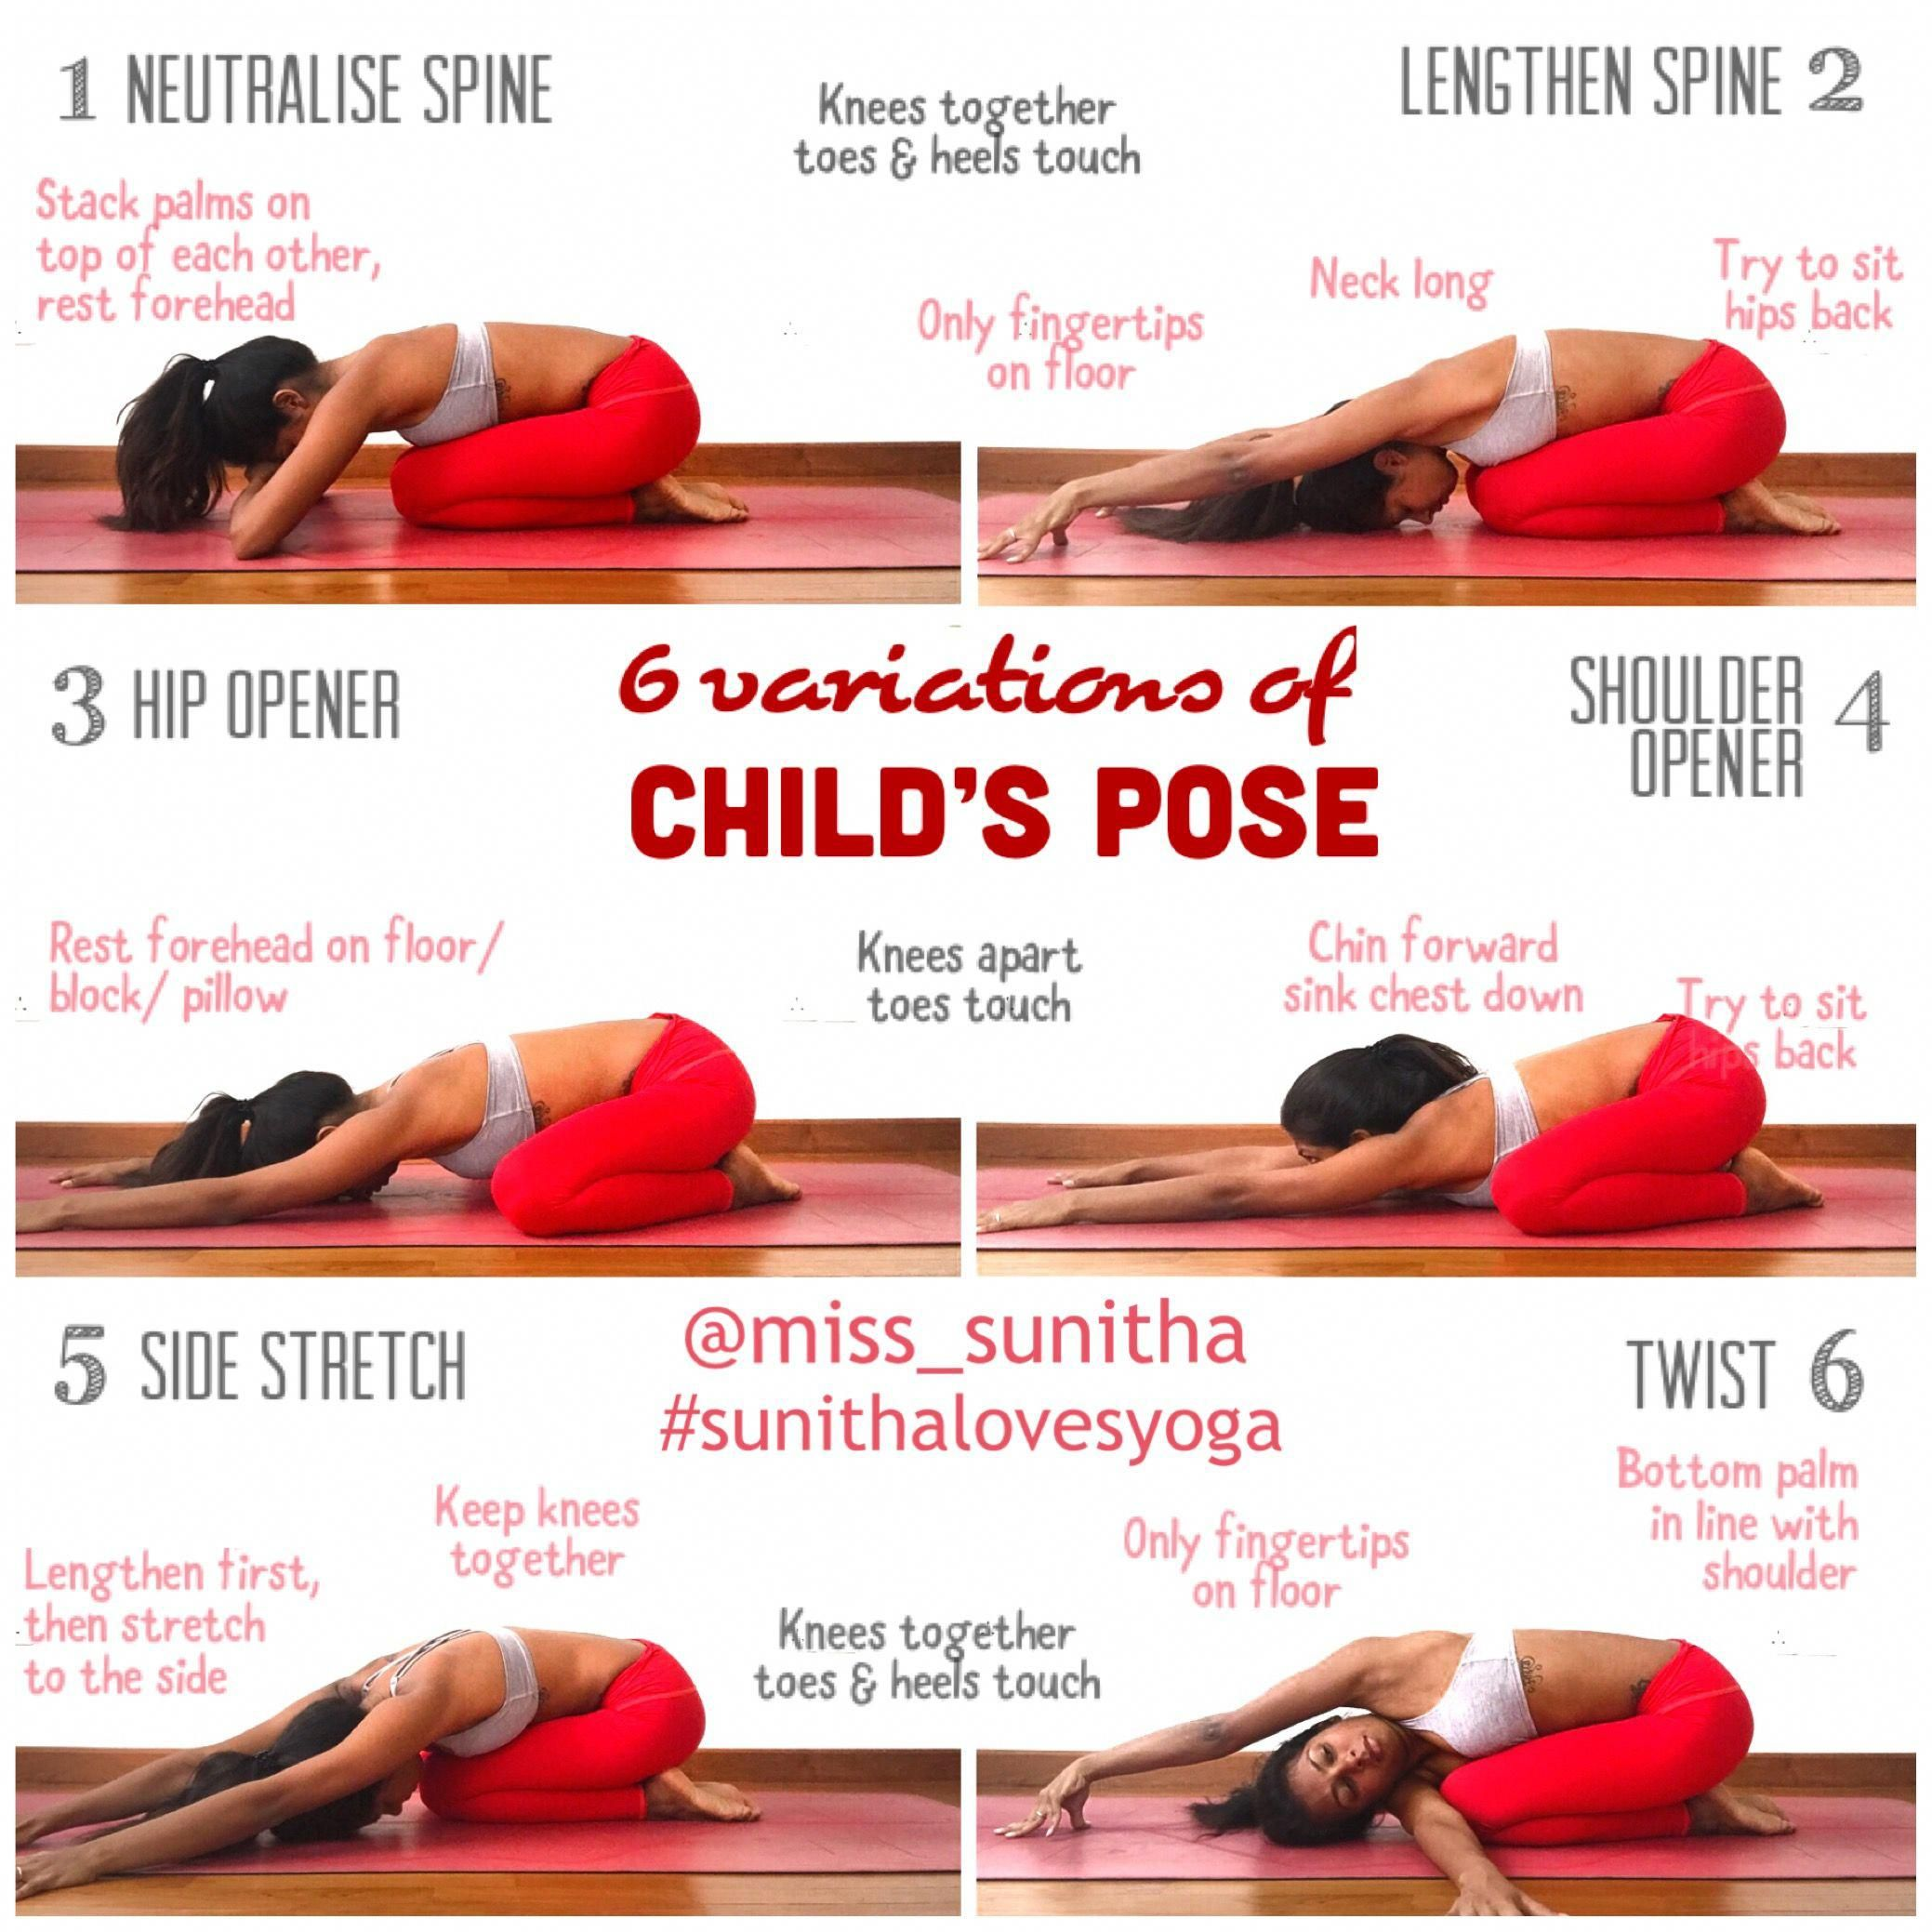 Yoga Pose Variations For Child S Pose Miss Sunitha Sunithalovesyoga Canyogahelpeasepain Yoga Benefits Restorative Yoga Kids Yoga Poses